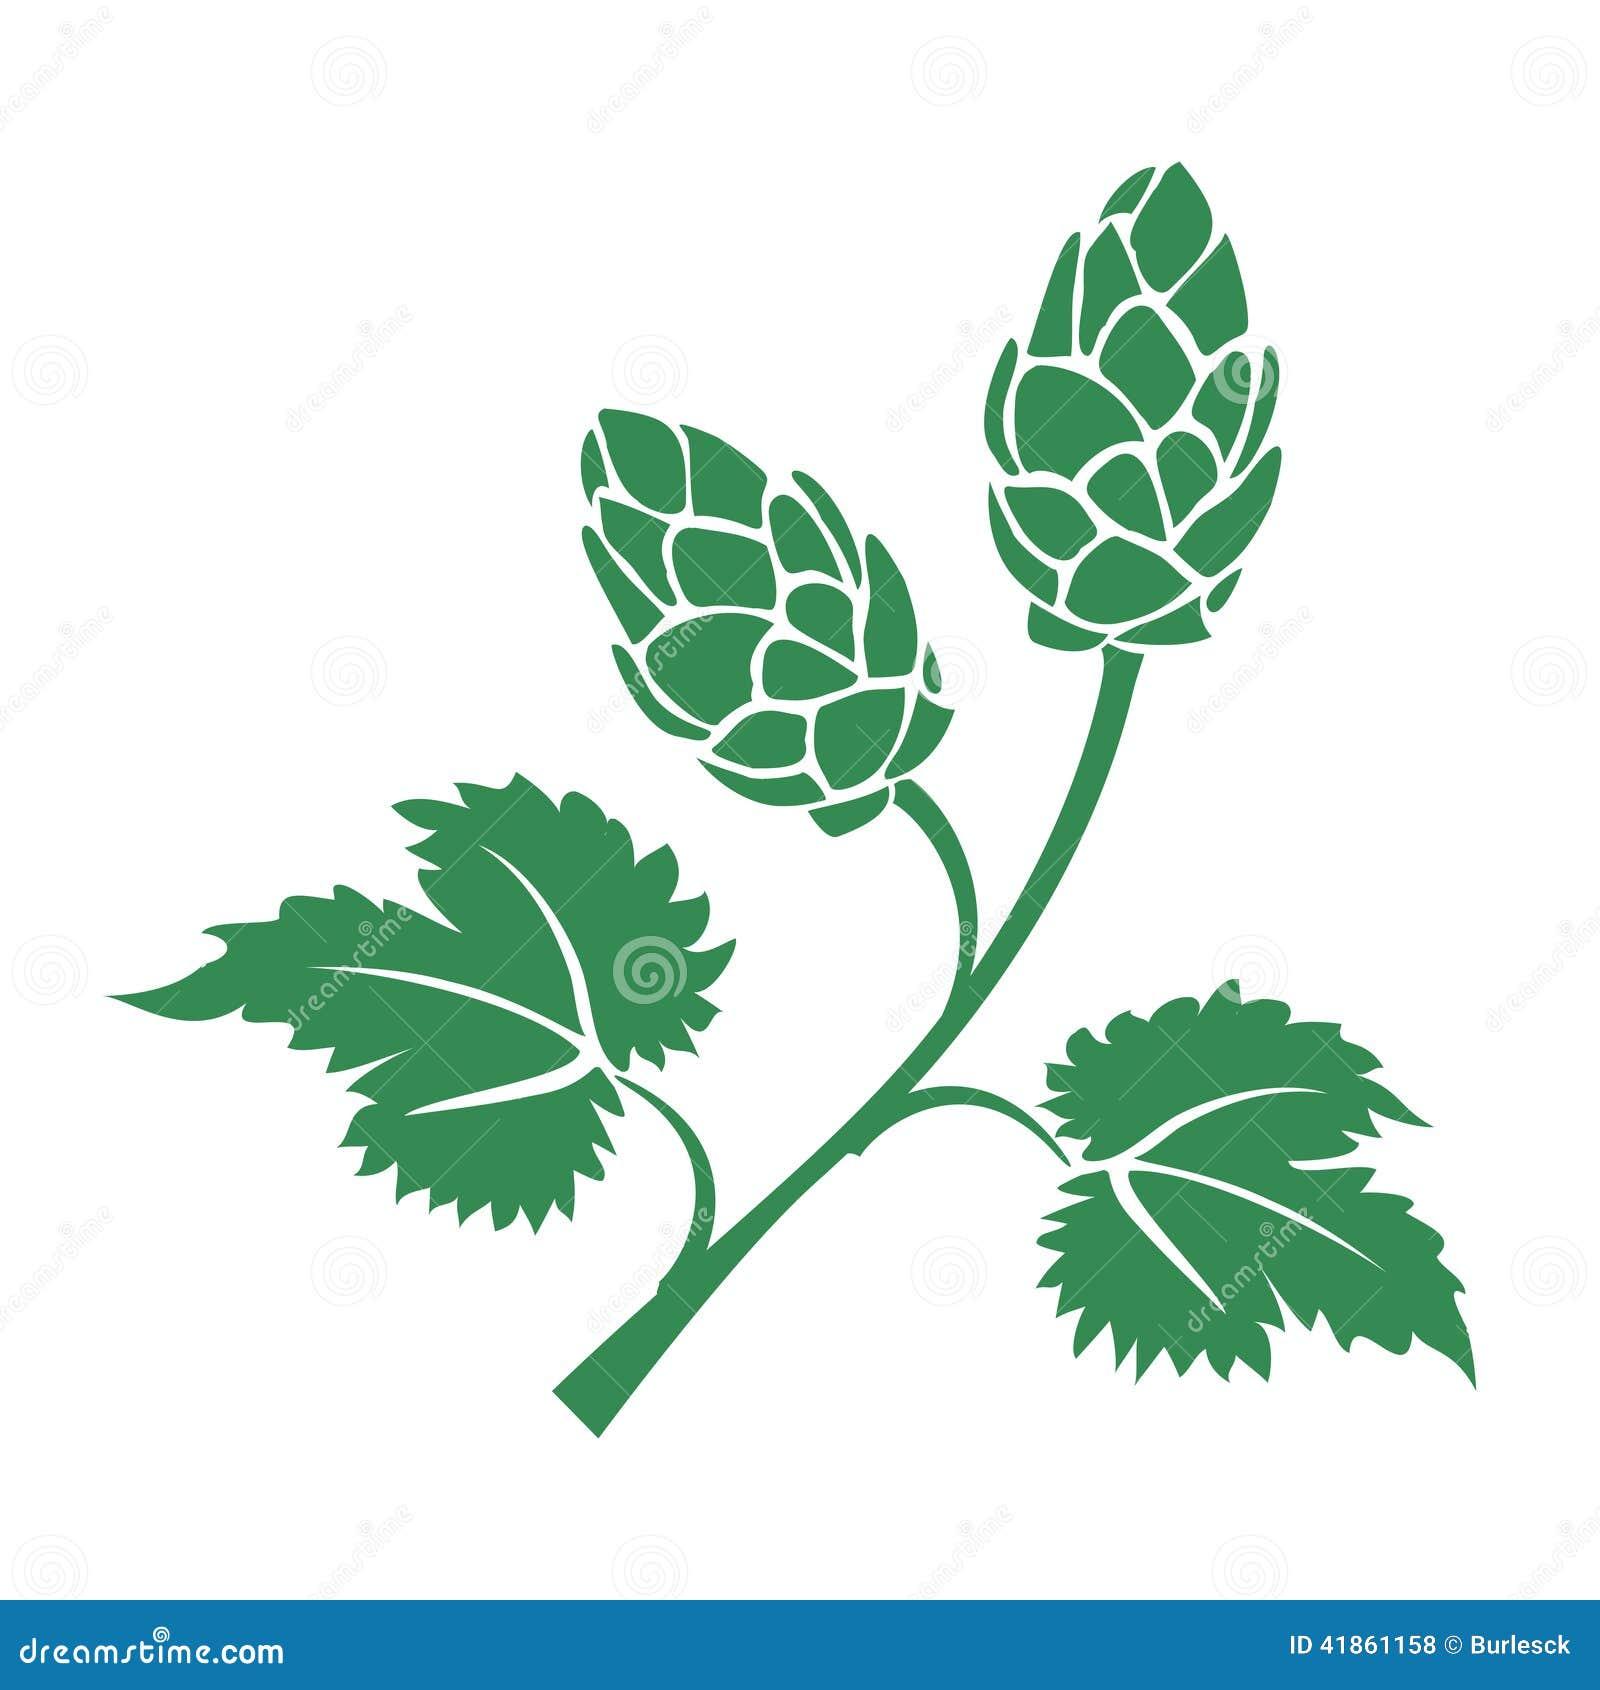 Le vecteur vert saute à cloche-pied icône